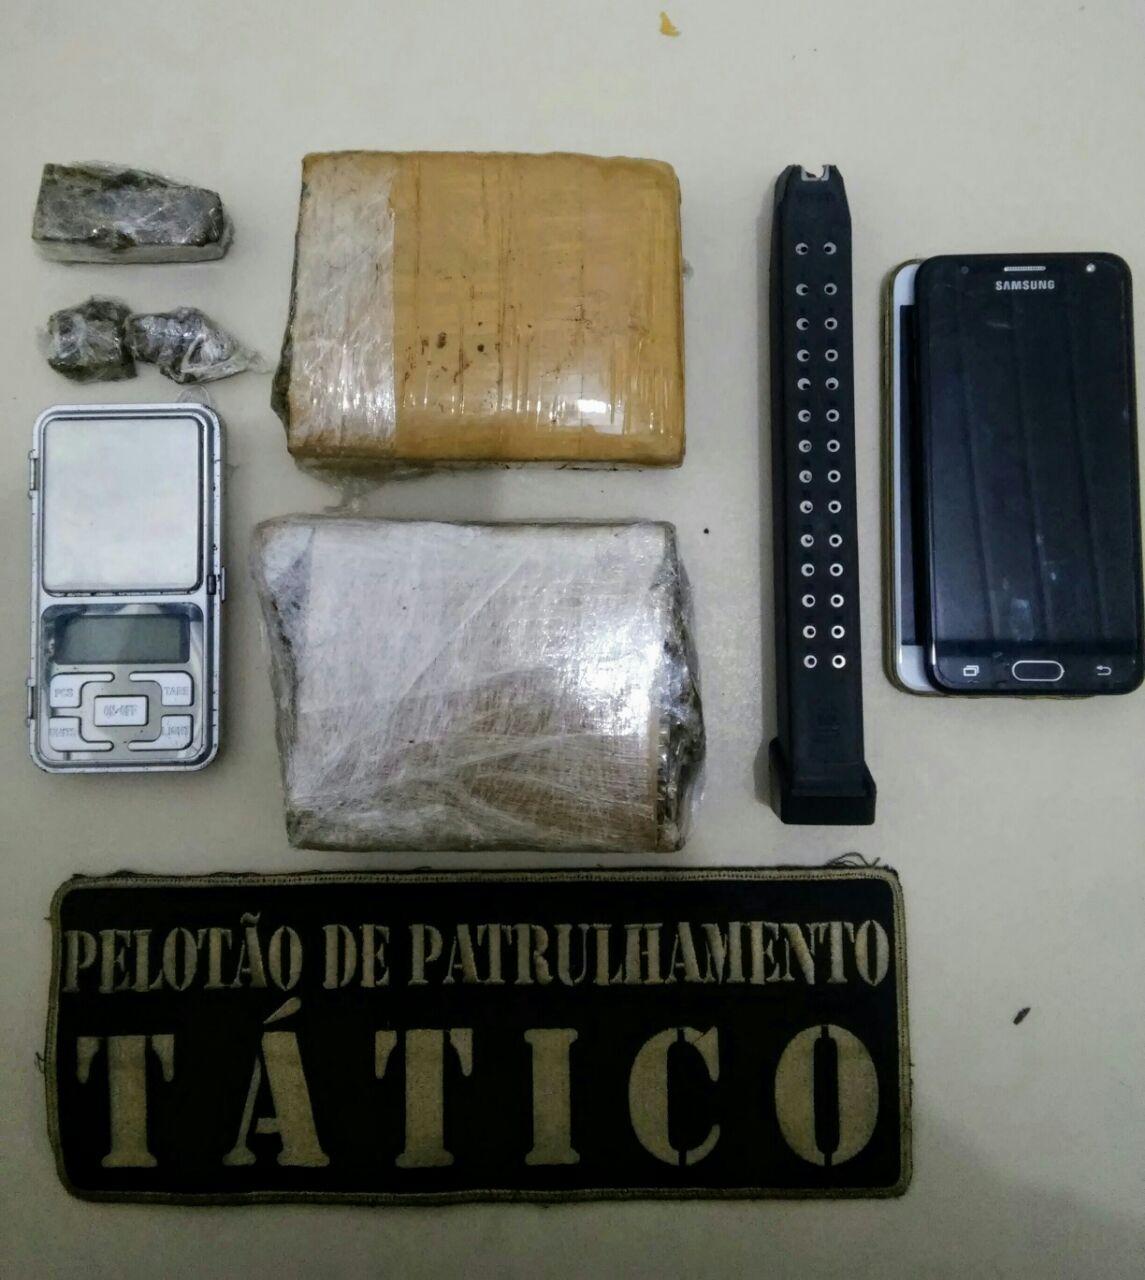 Mãe agredida pelo filho, denuncia e criminoso acaba preso por tráfico em Criciúma